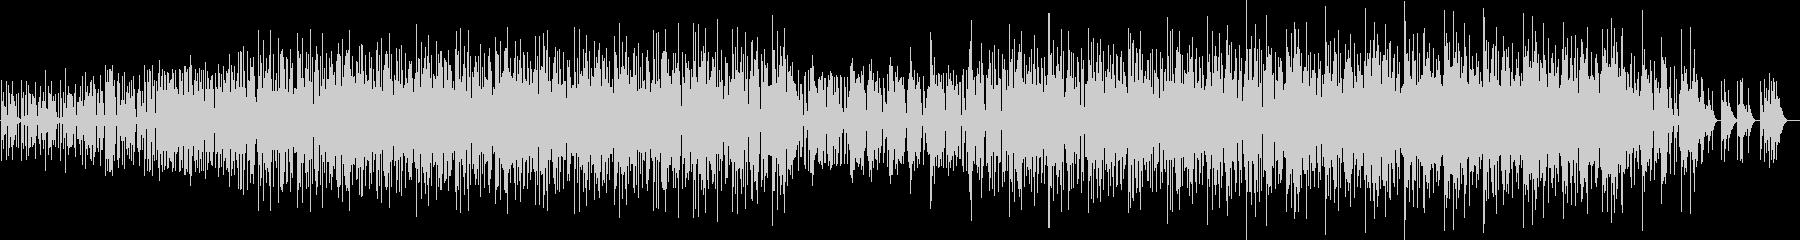 パーカッシブなミニマルファンクの未再生の波形